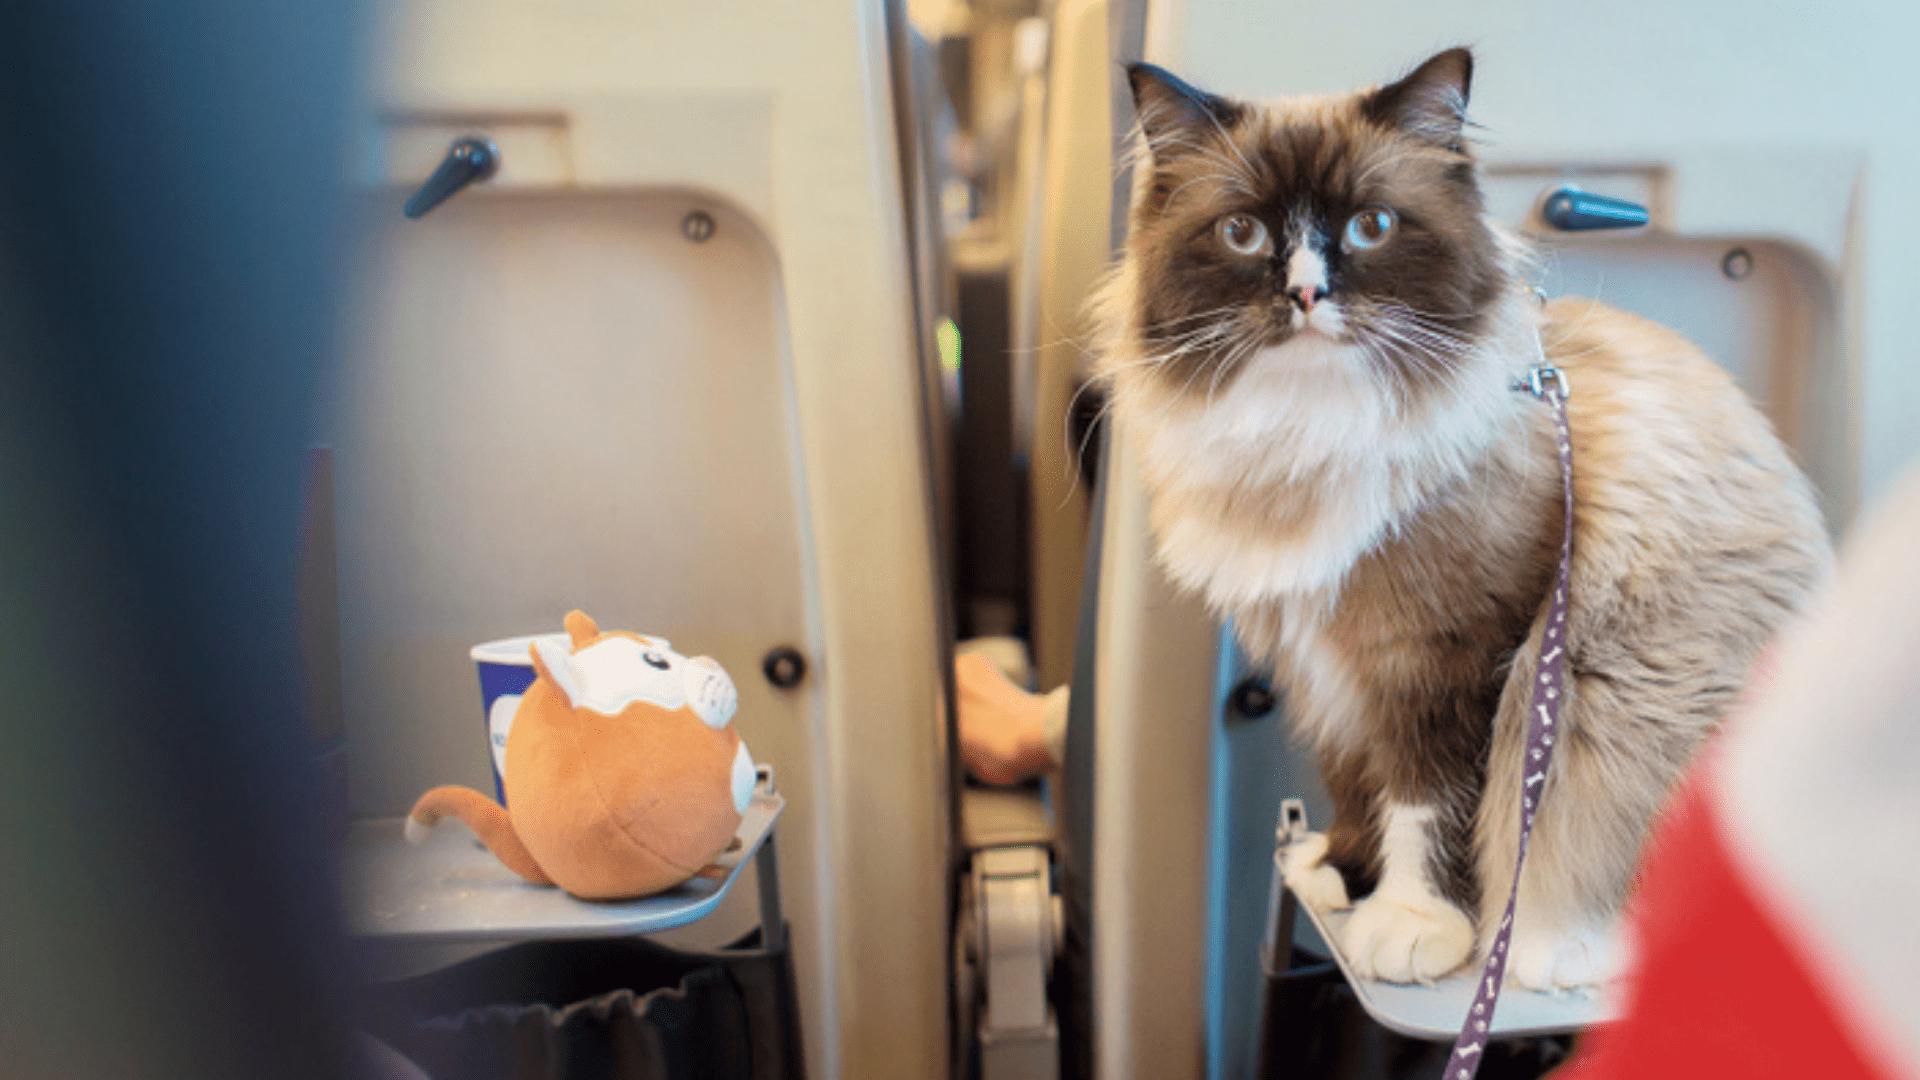 Fique preparado para viajar com o gato de ônibus! (Reprodução/Shutterstock)